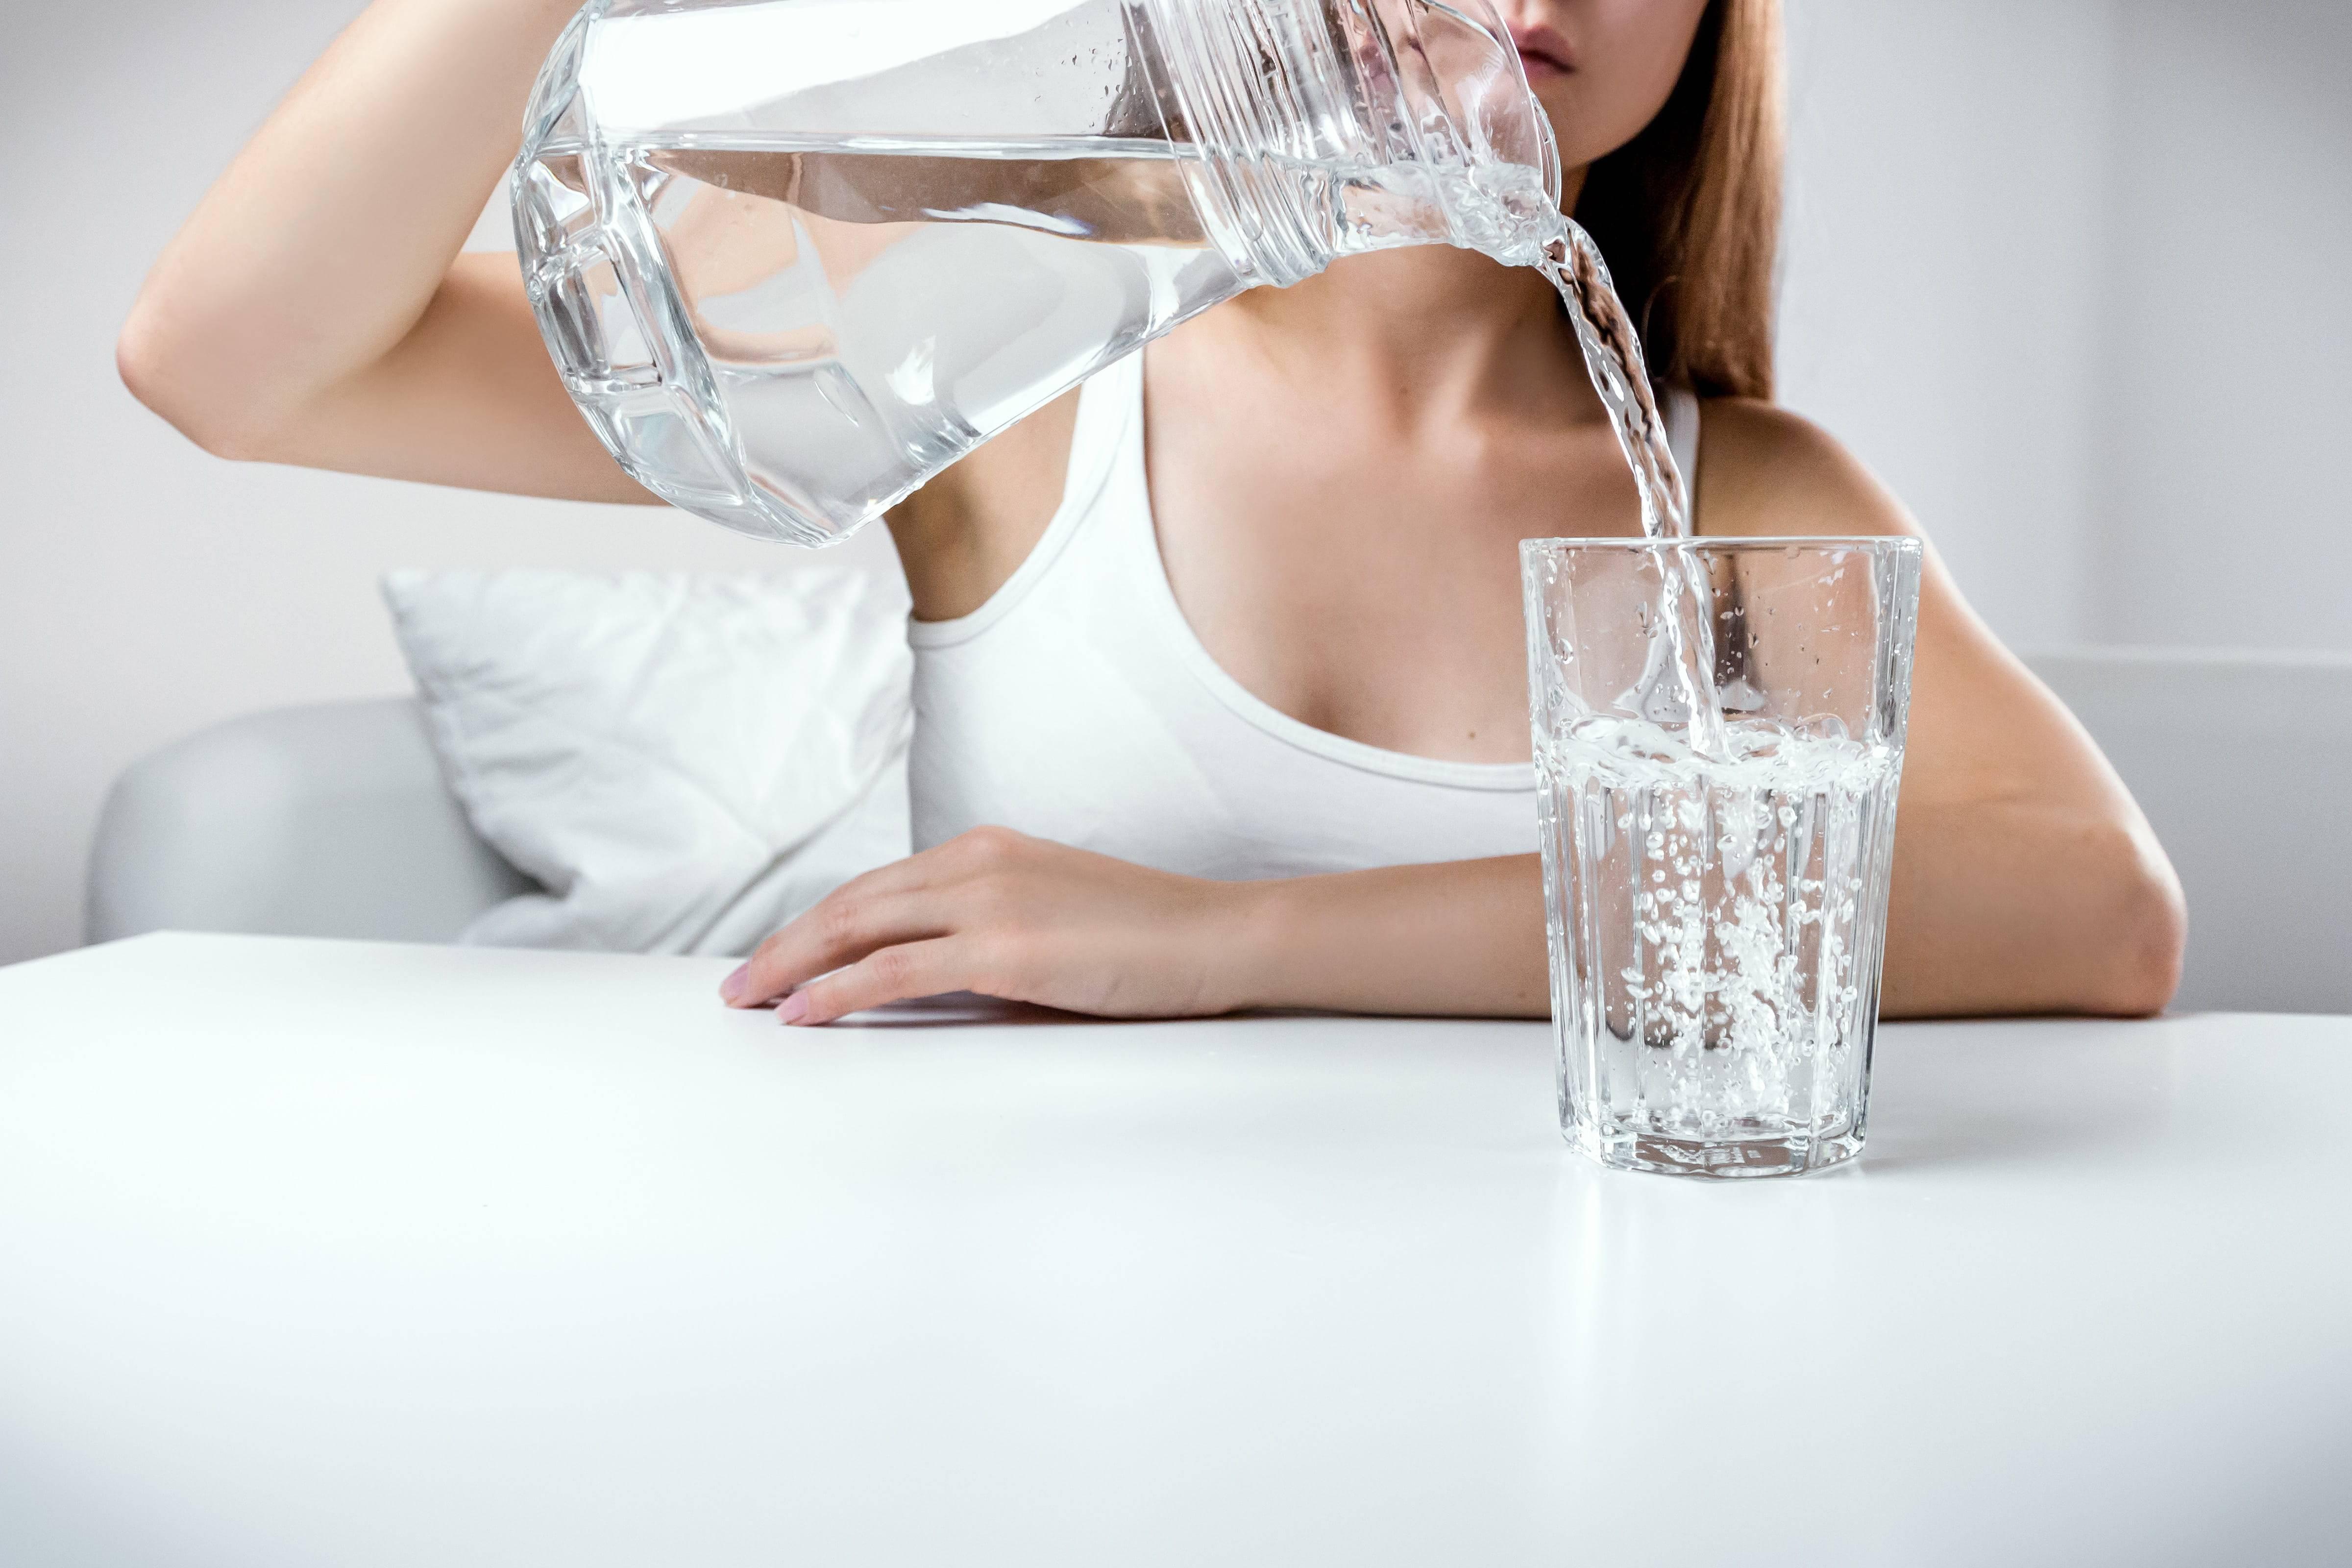 Как вывести лишнюю жидкость из организма быстро в домашних условиях? как избавиться от лишней жидкости в организме?